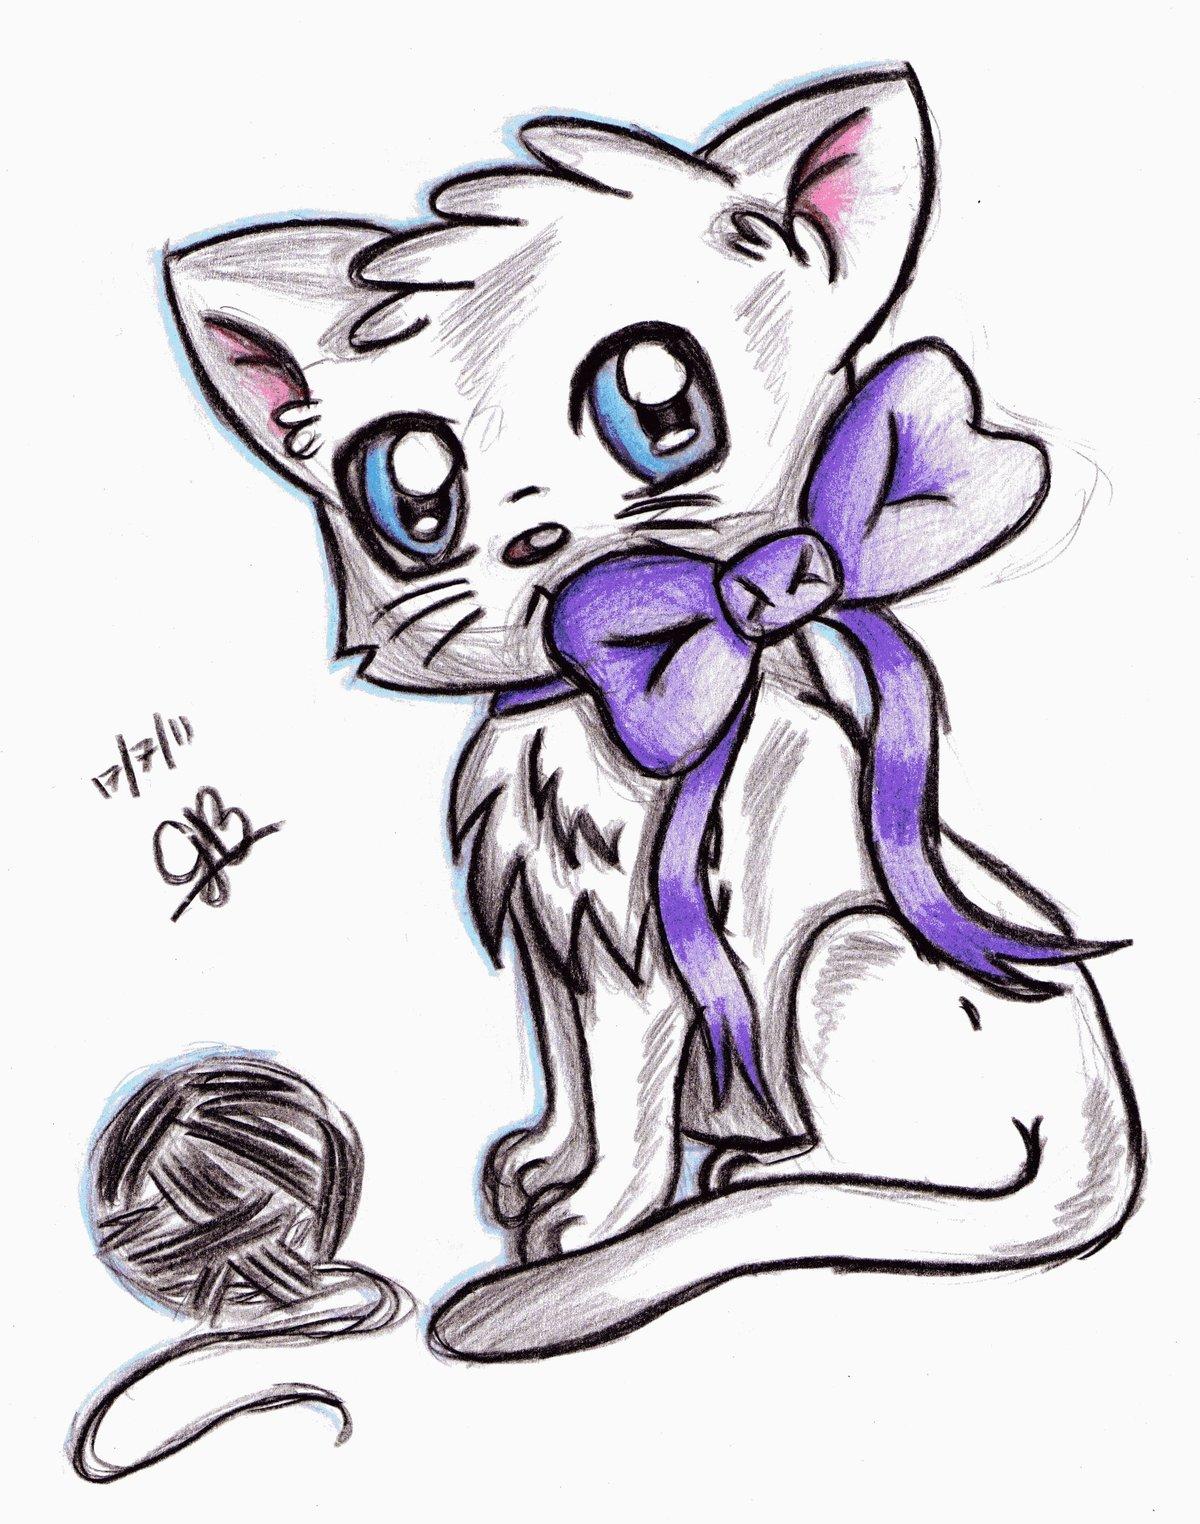 Конверты интернет, картинки котята милые нарисованные карандашом